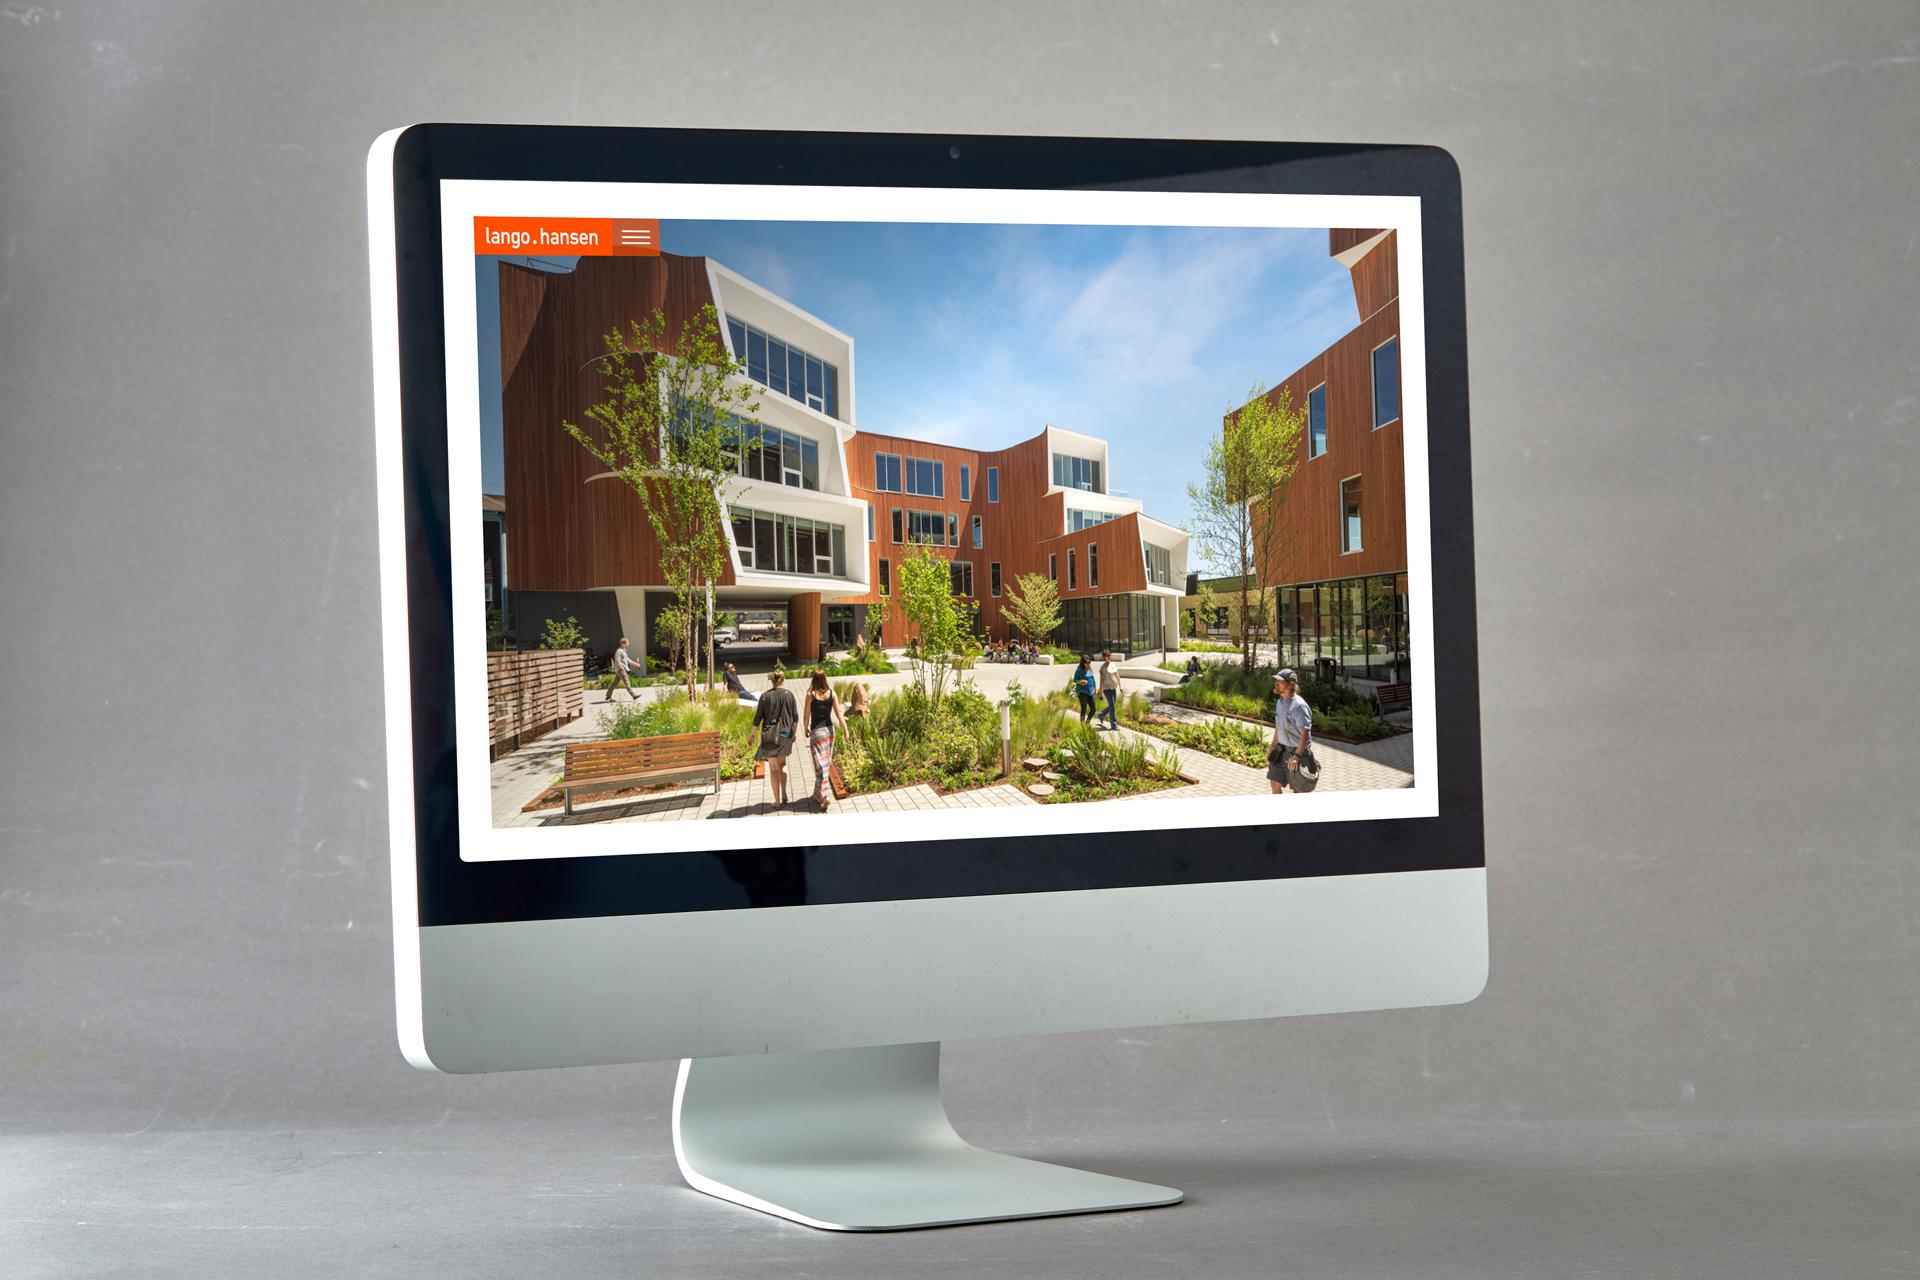 LHwebsite1.jpg